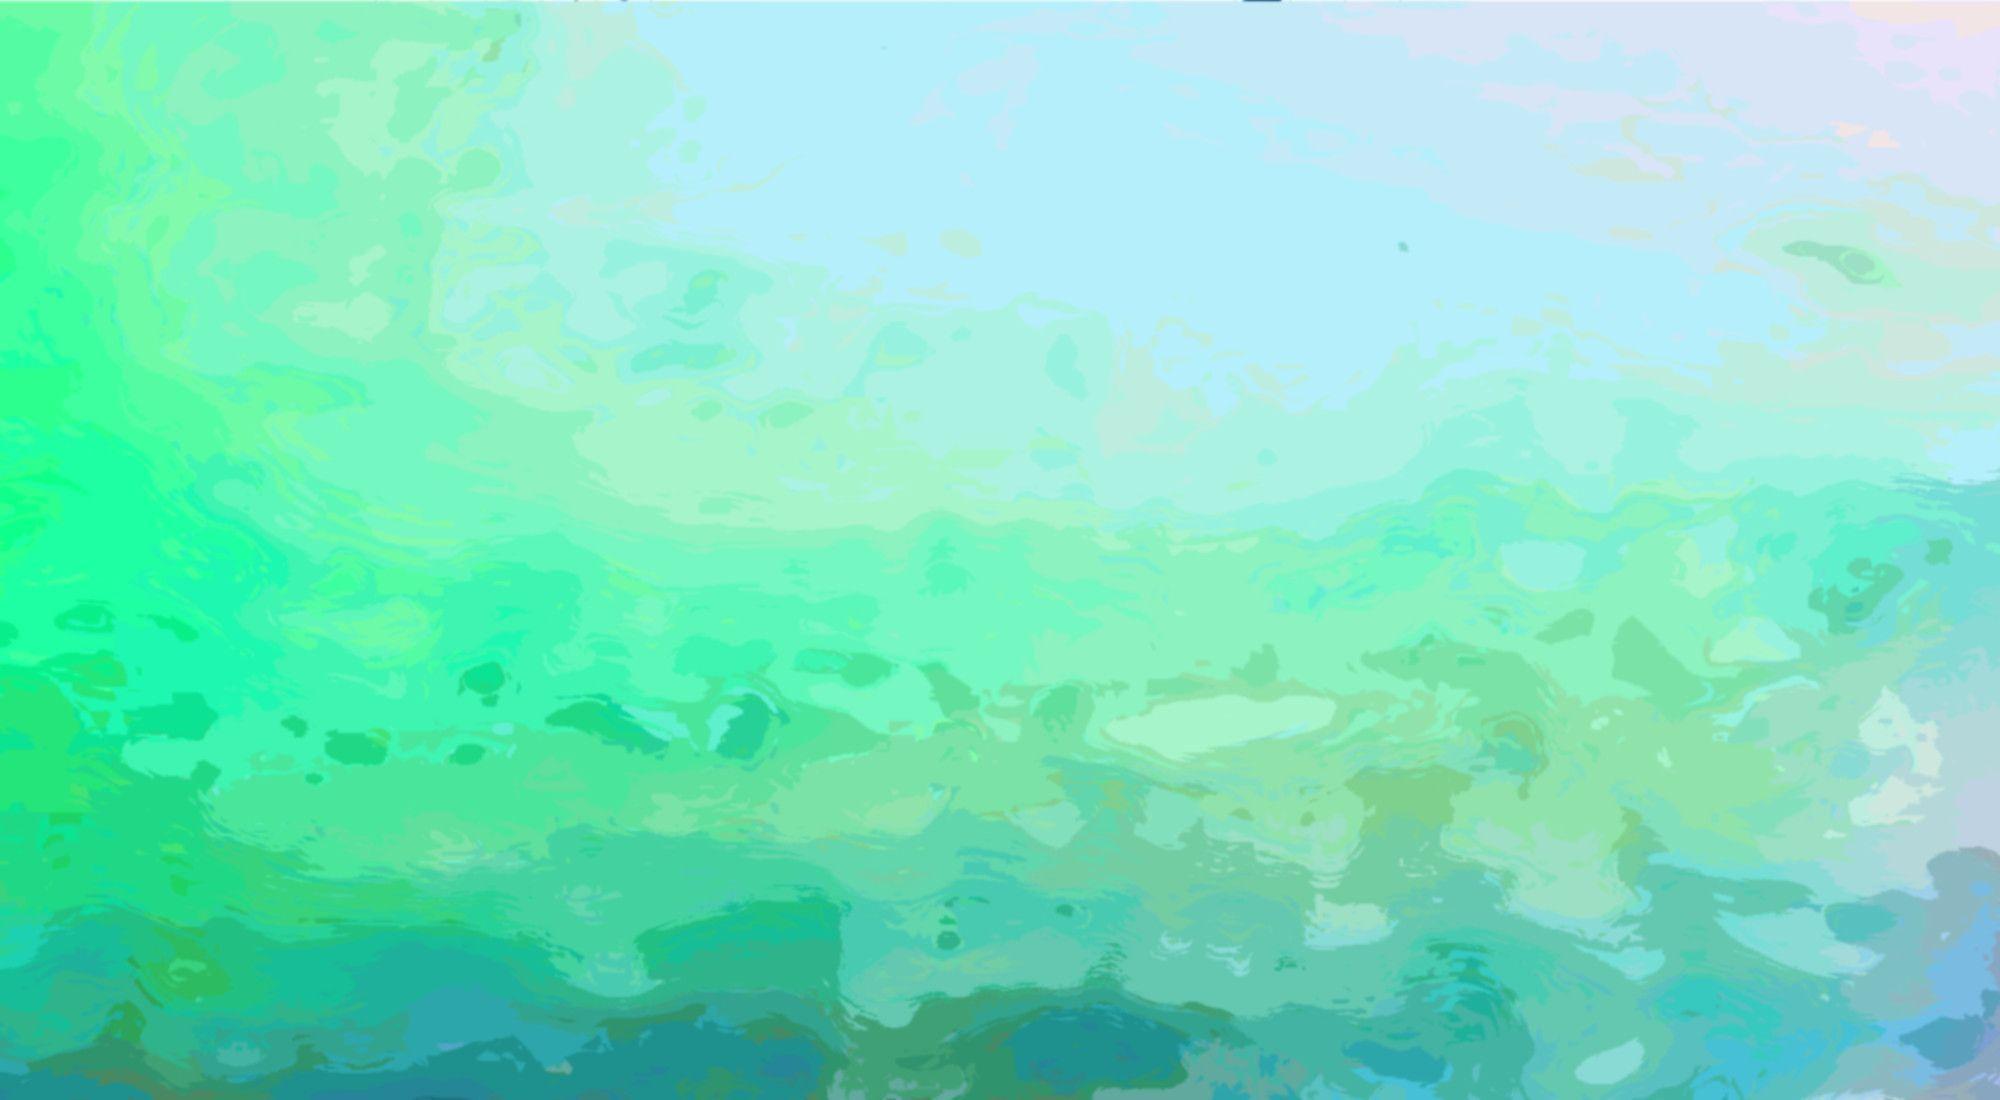 Pastel Green Aesthetic Wallpaper For Laptop Pastel Green Aesthetic Wallpapers On Wallpaperdog pastel green aesthetic wallpapers on